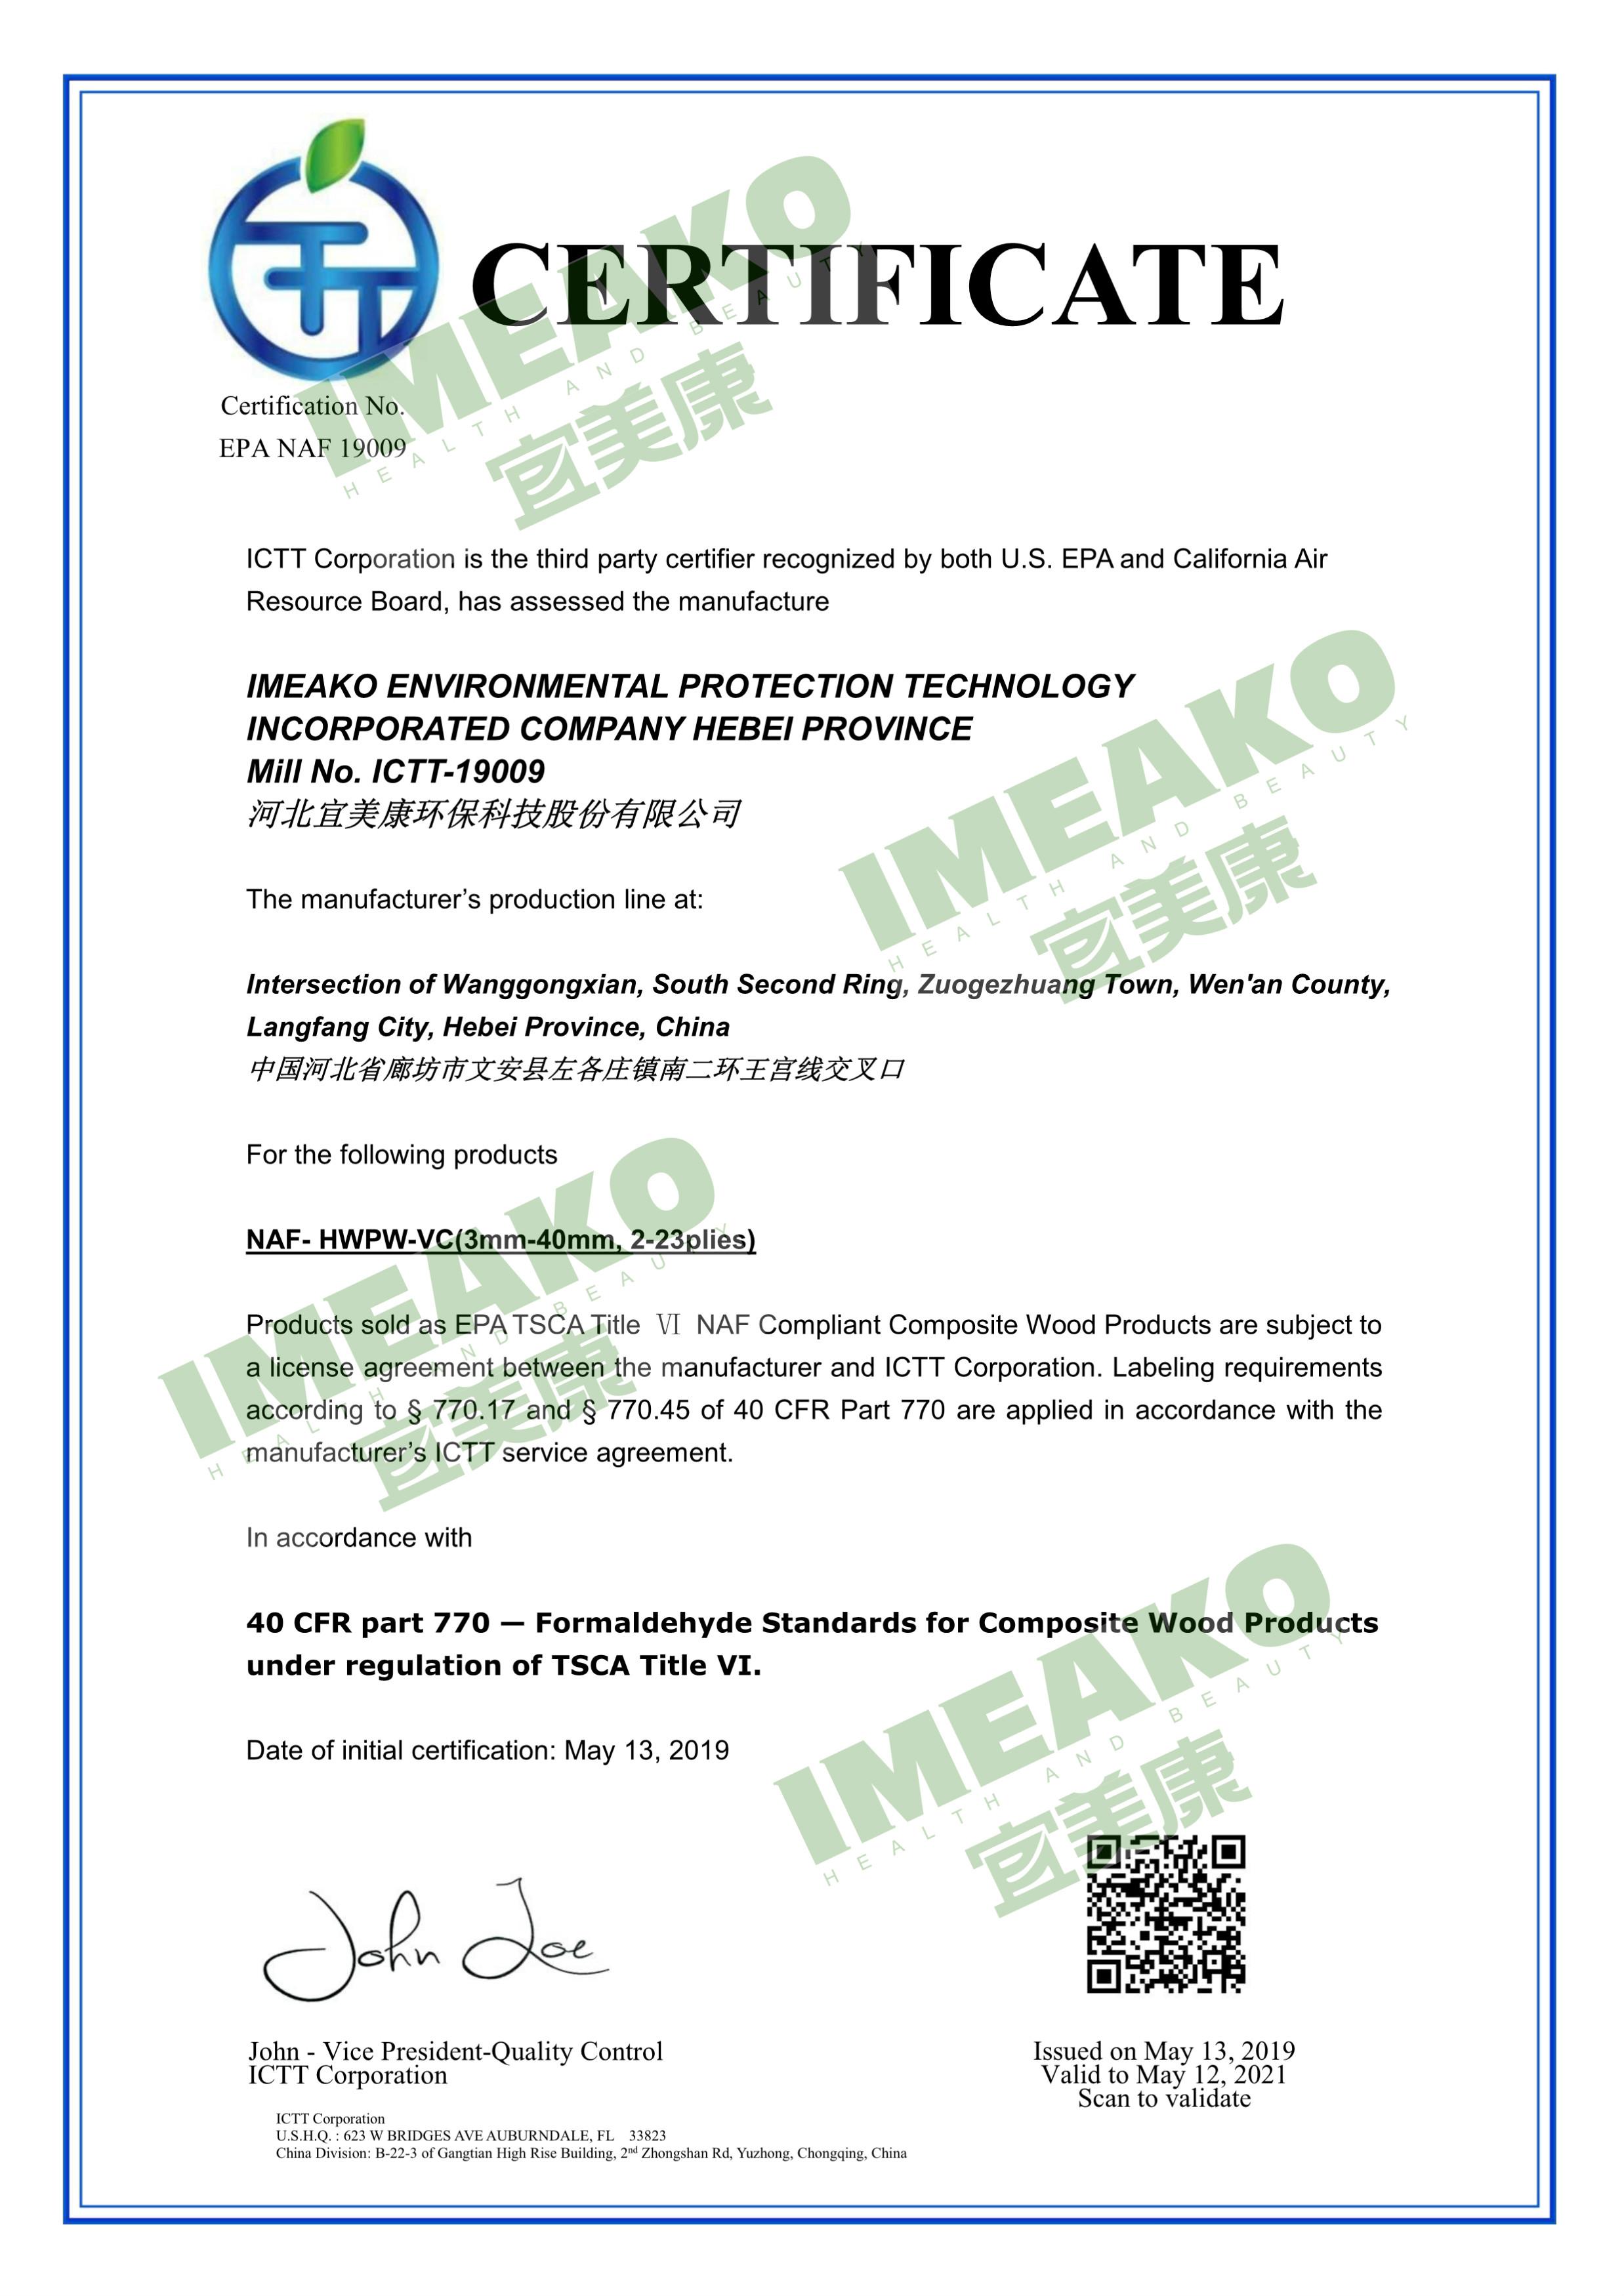 再次突破:宜美康获得美国EPA认证